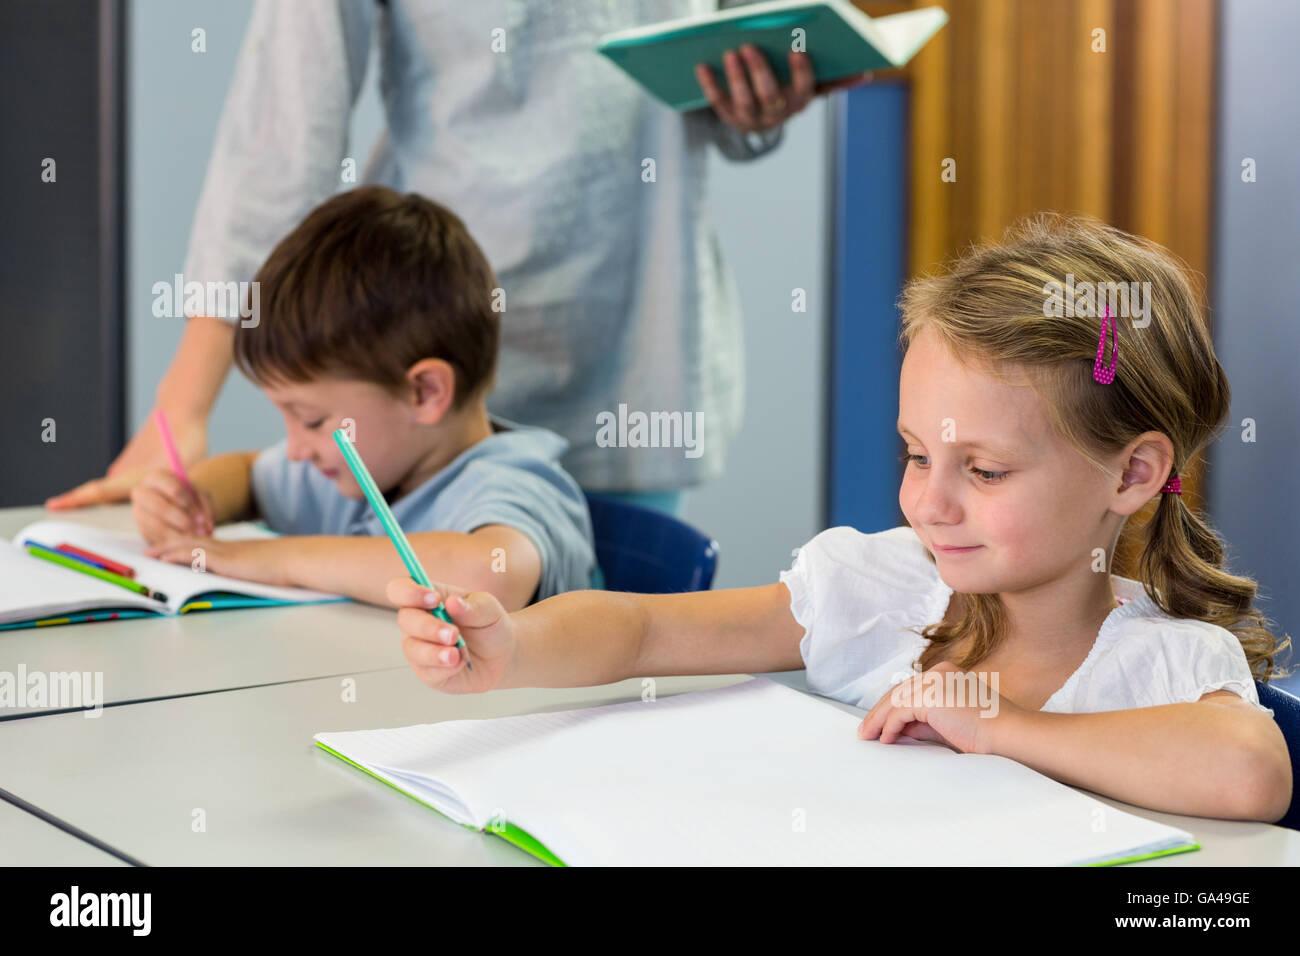 Schoolchildren writing on book against teacher - Stock Image